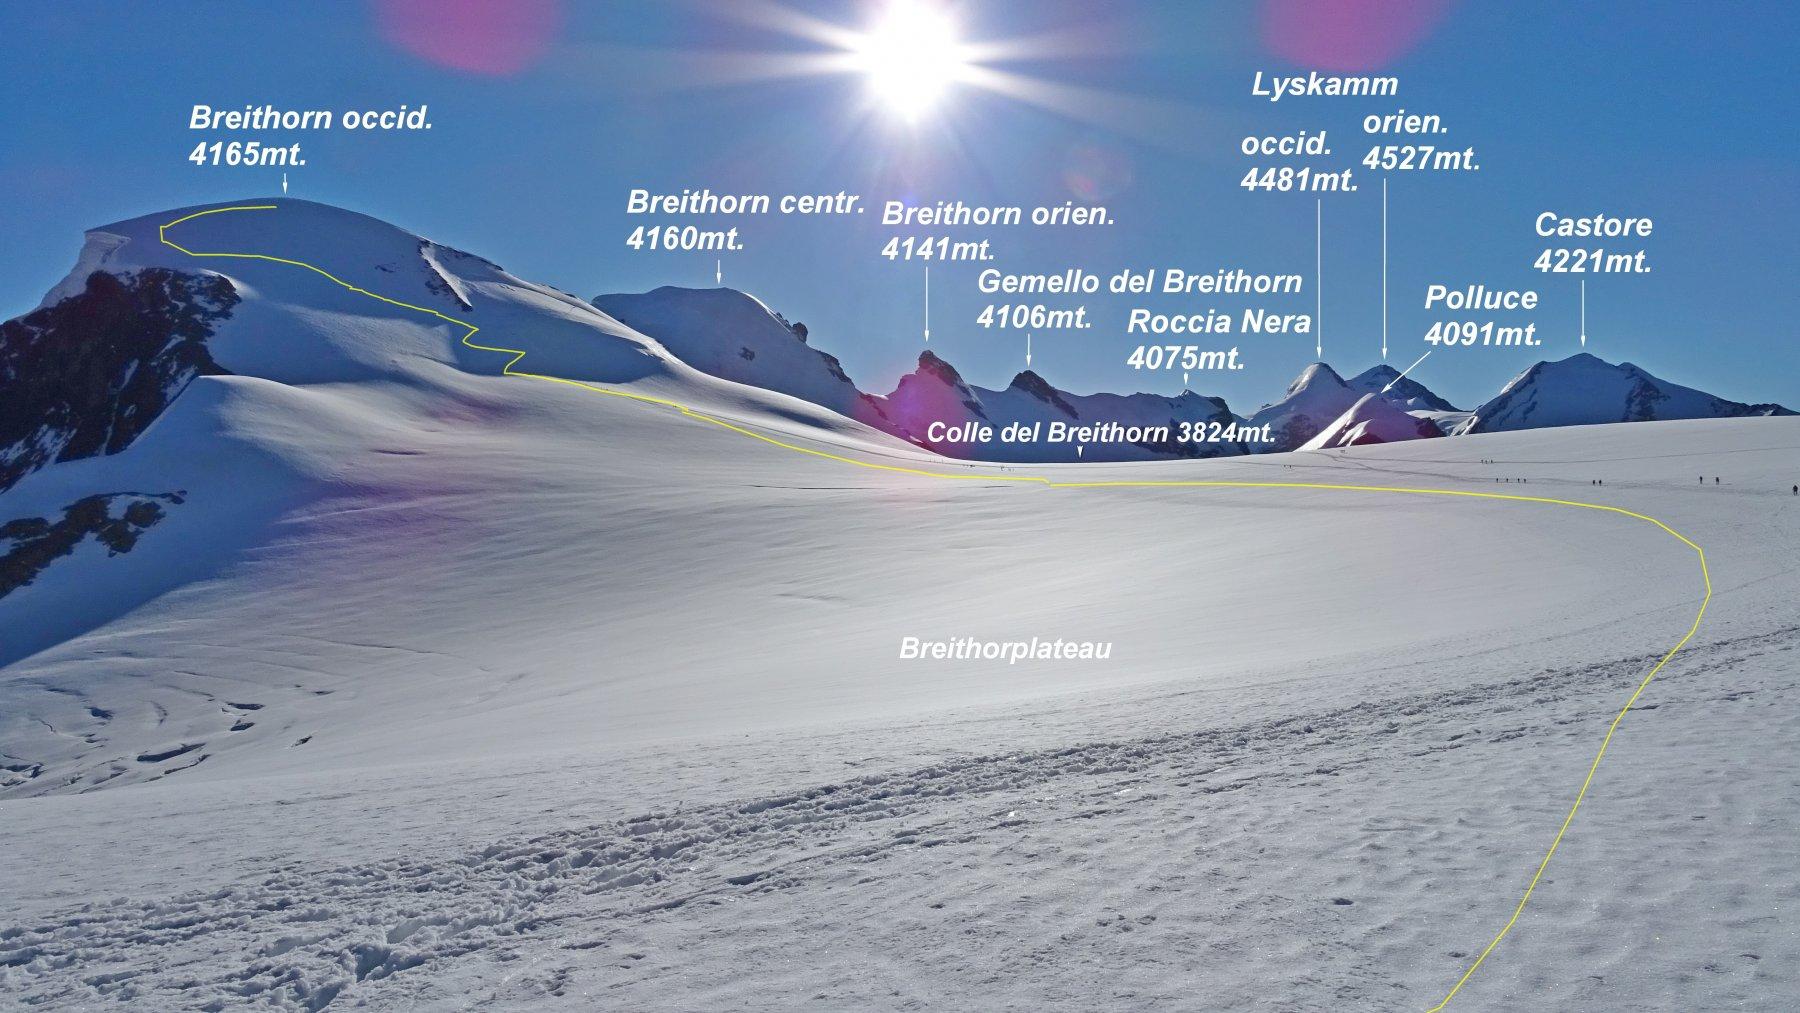 Panorama dalla sella glaciale a quota 3800mt. tra il Piccolo Cervino e la Gobba di Rollin.